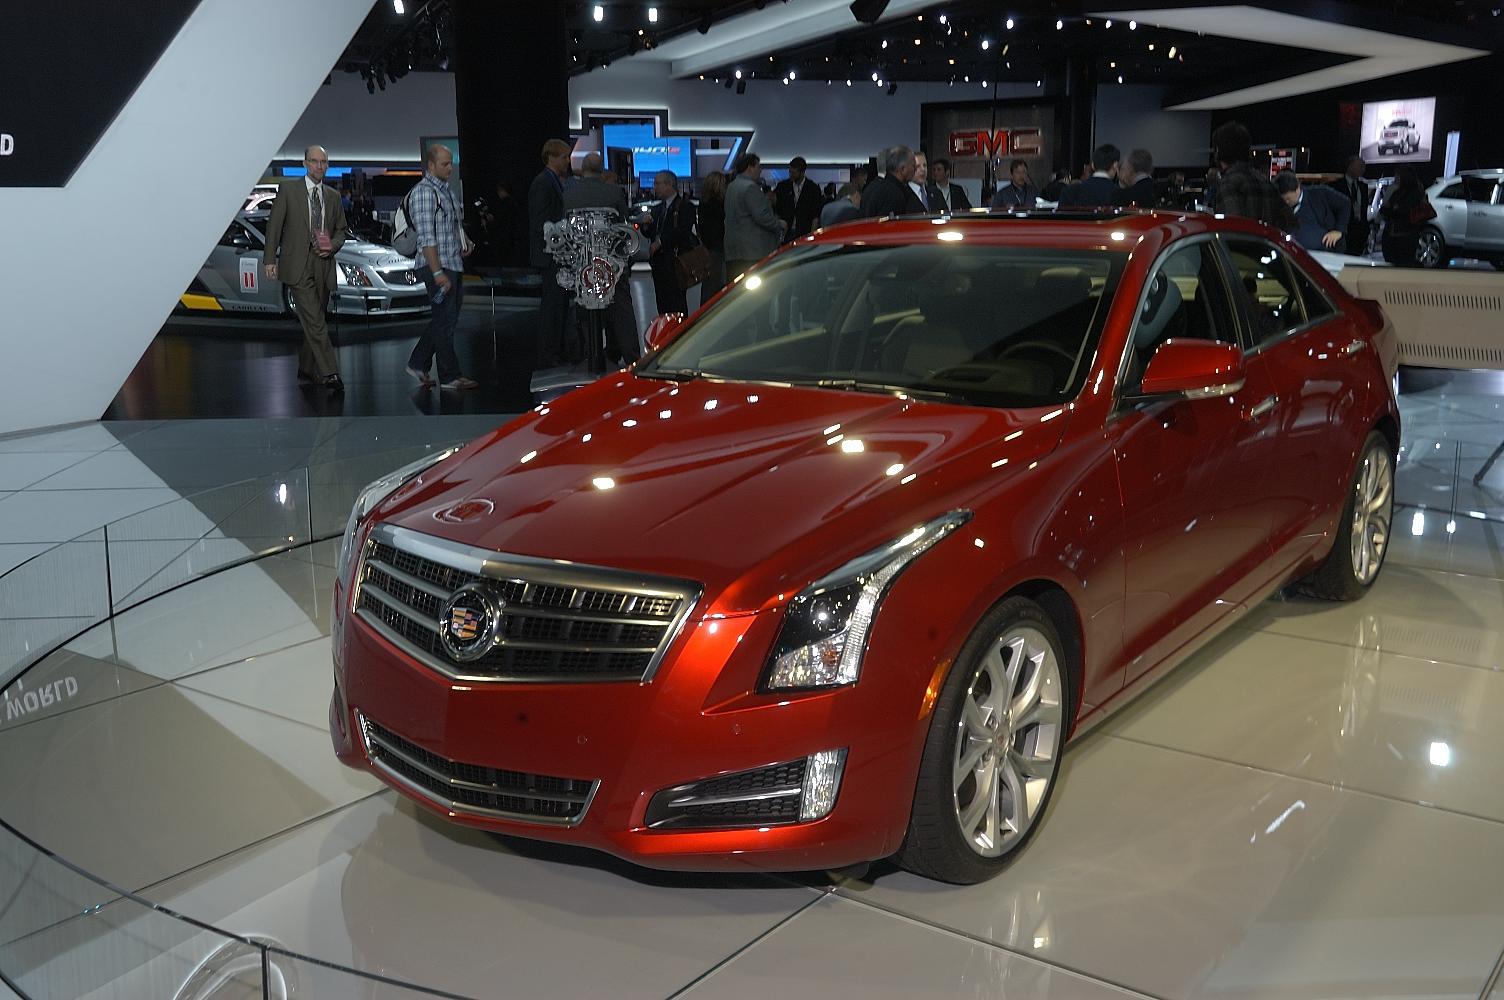 Cadillac ATS NAIAS 2012 5